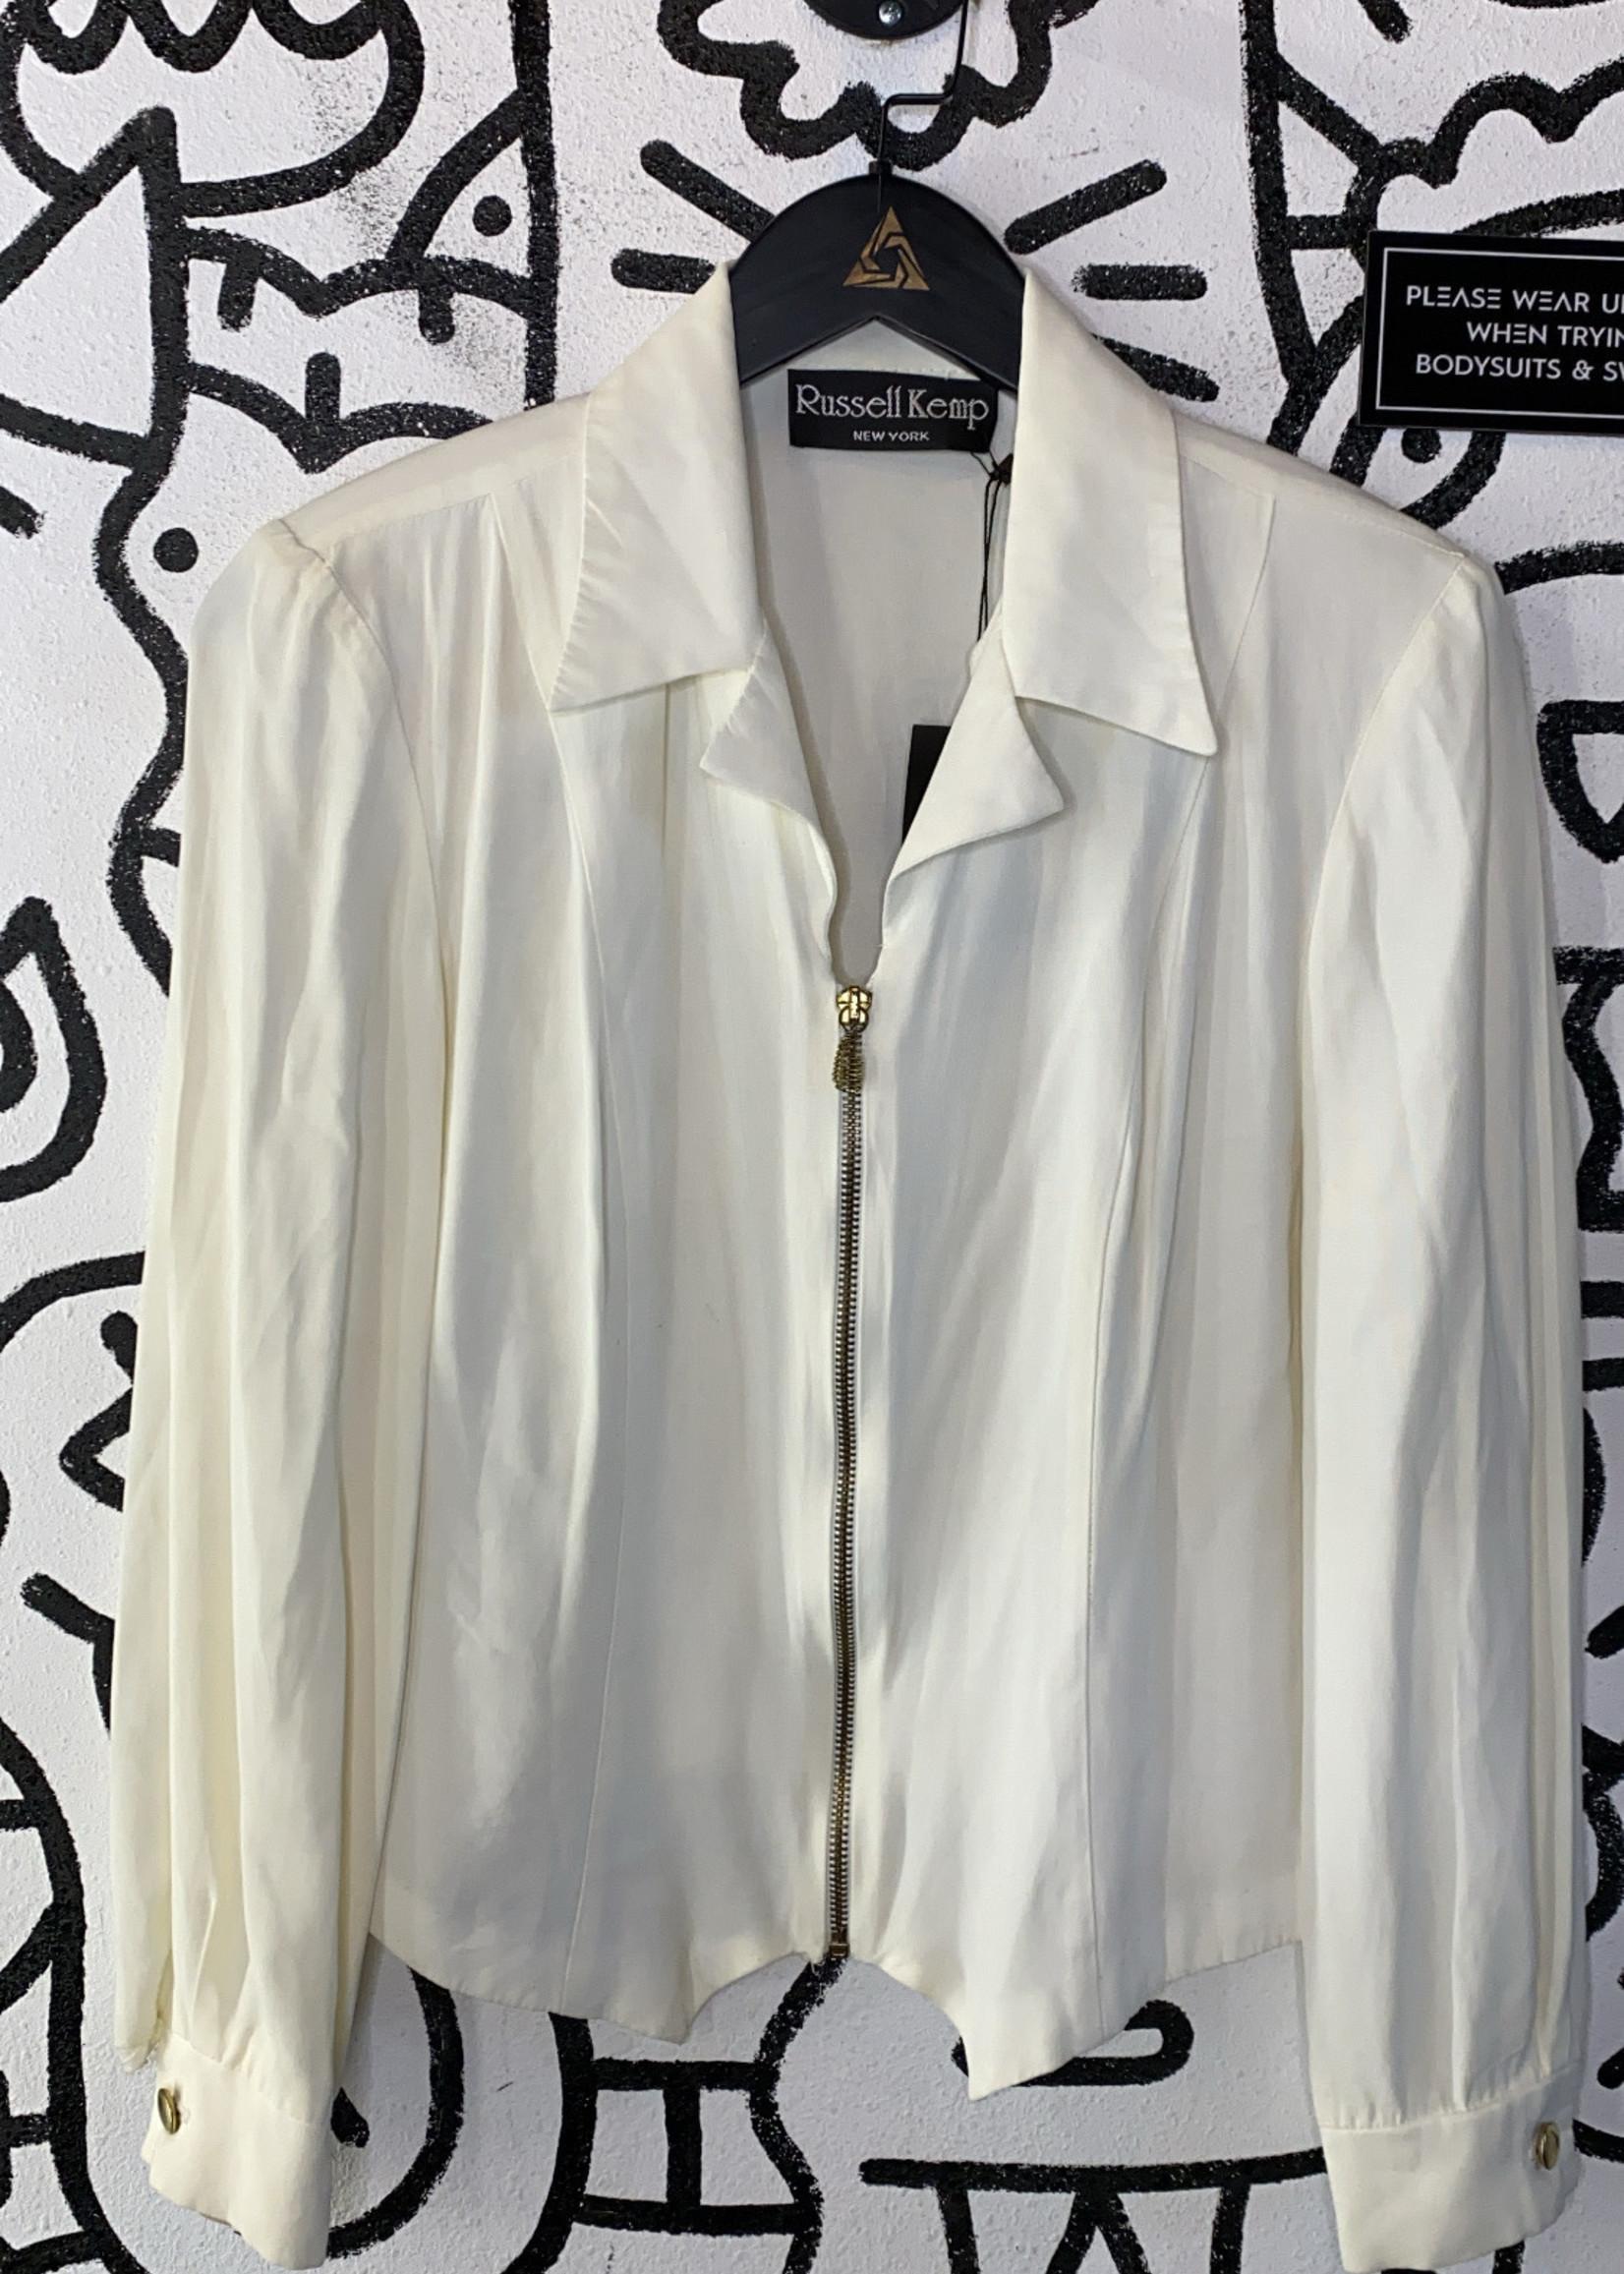 Russel Kemp Vintage White Long Sleeve Zip Top